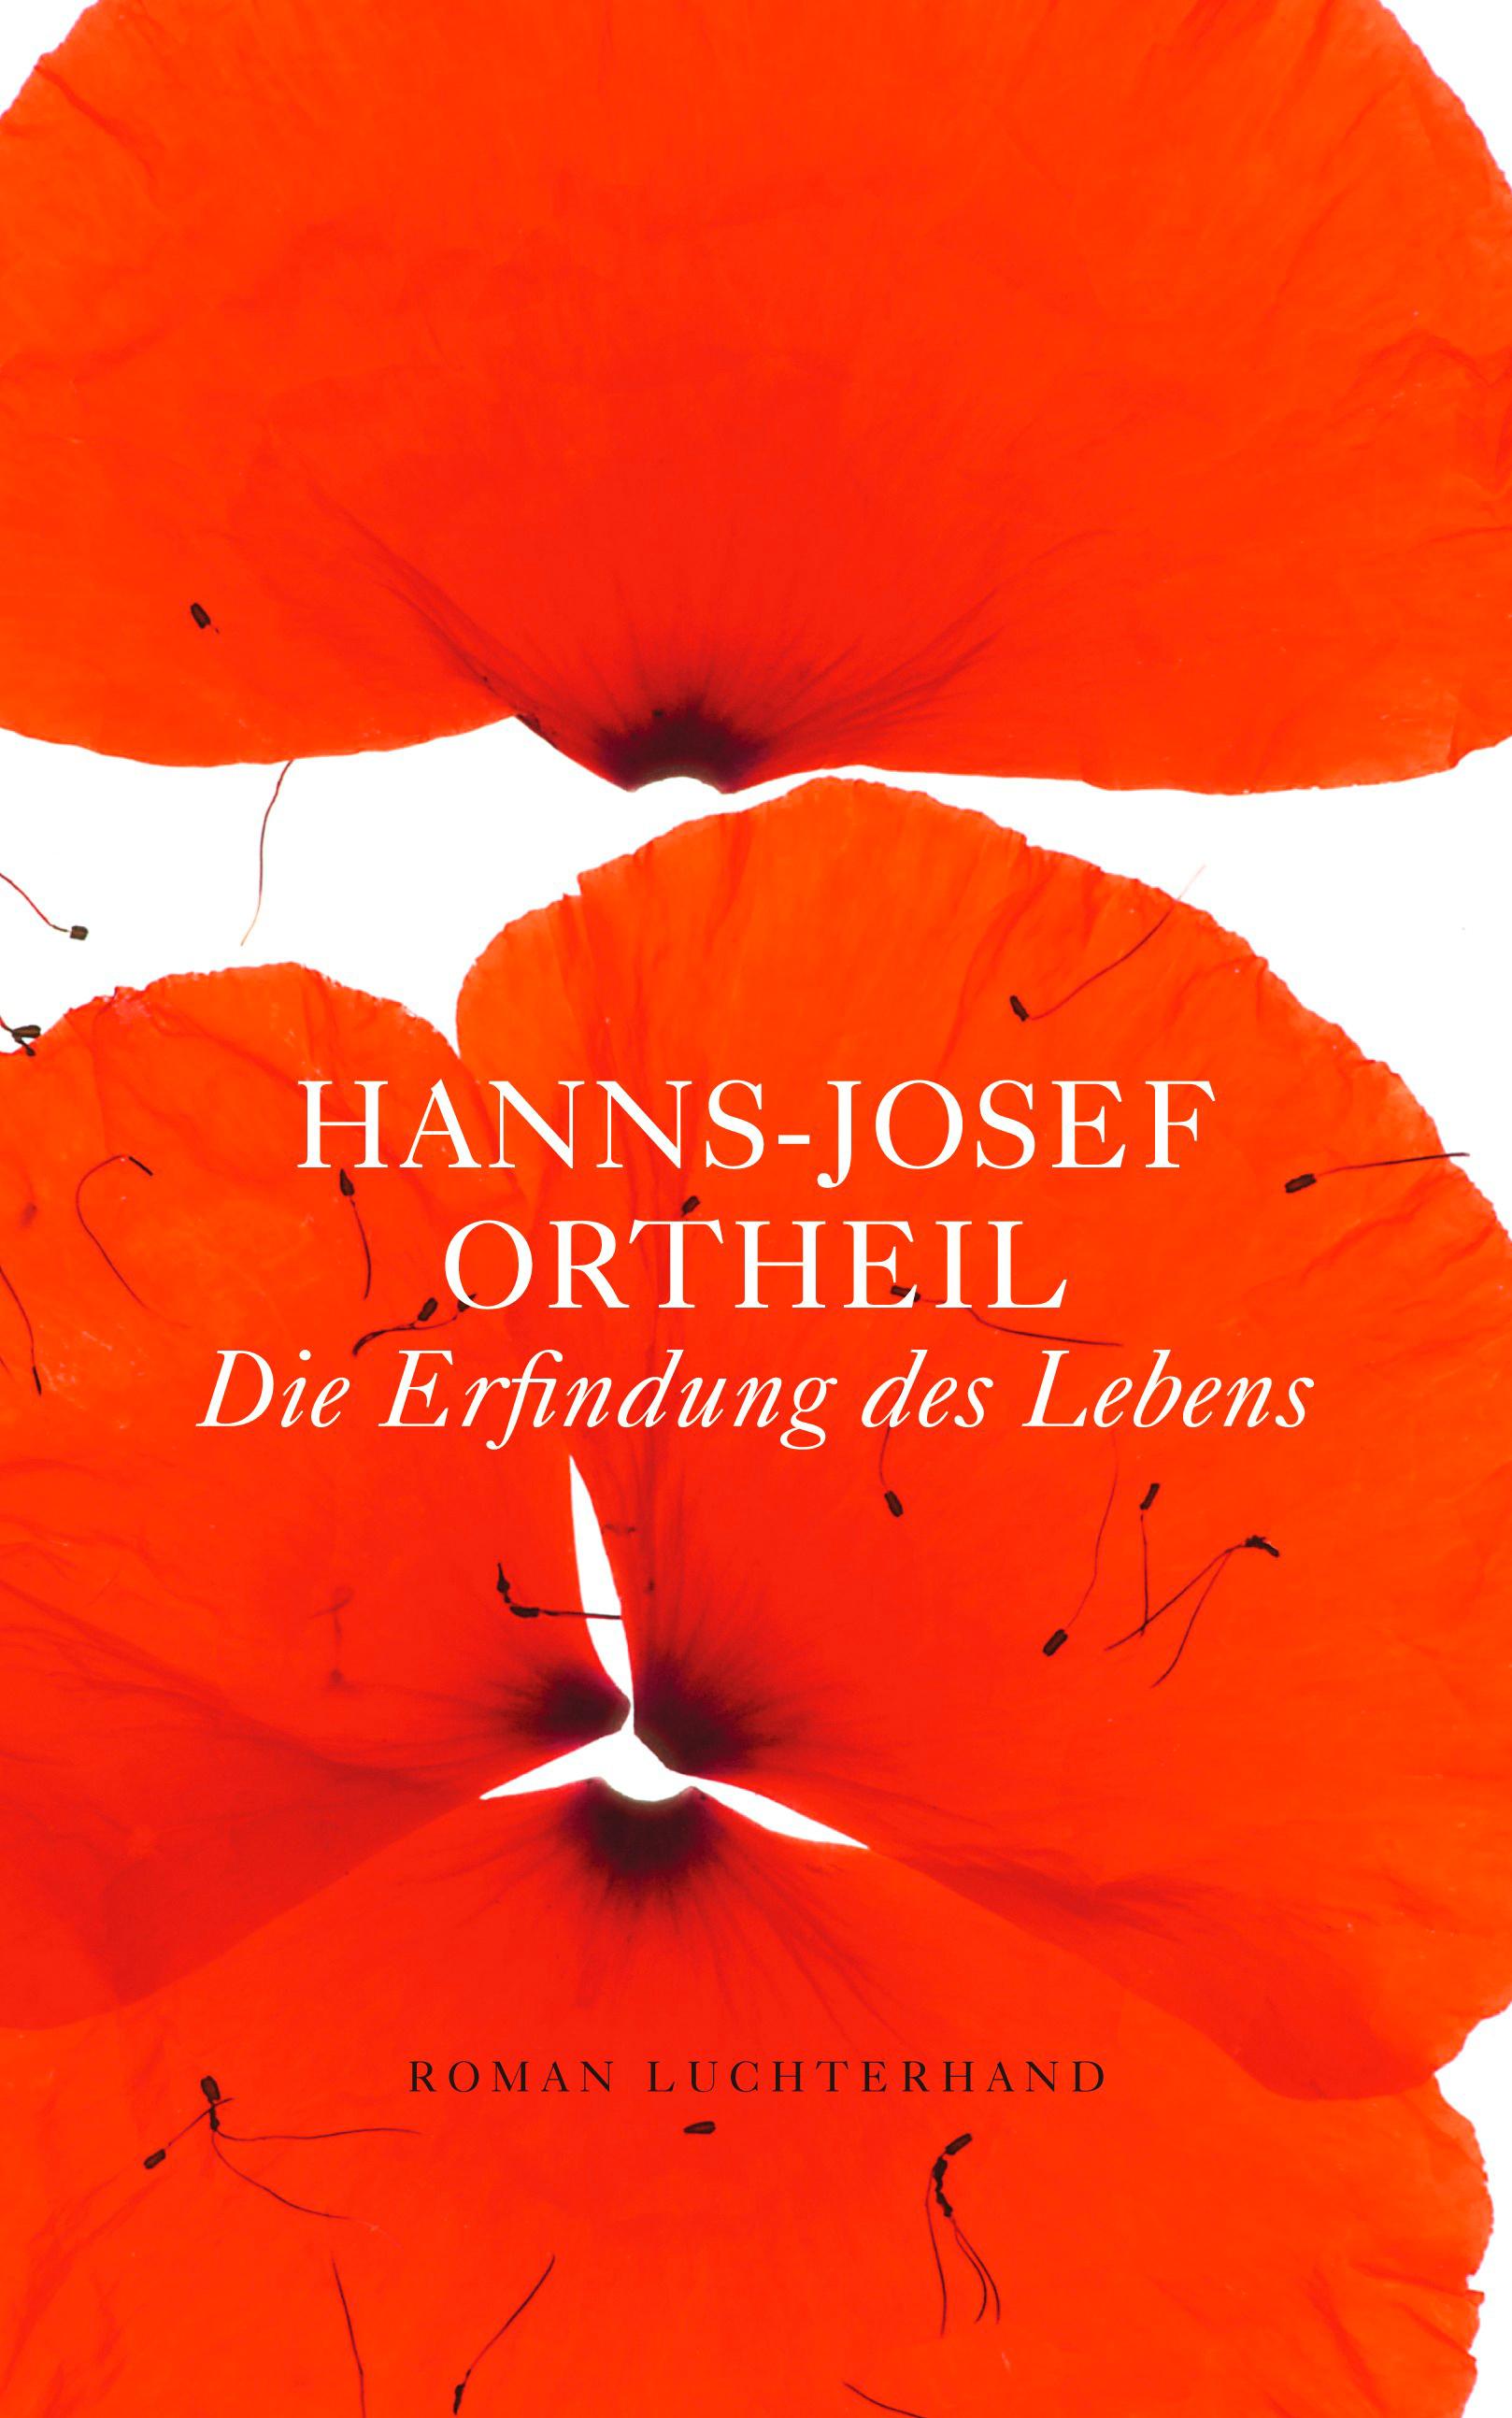 Hanns-Josef Ortheil: Die Erfindung des Lebens. Verlag Luchterhand, 11,99 Euro